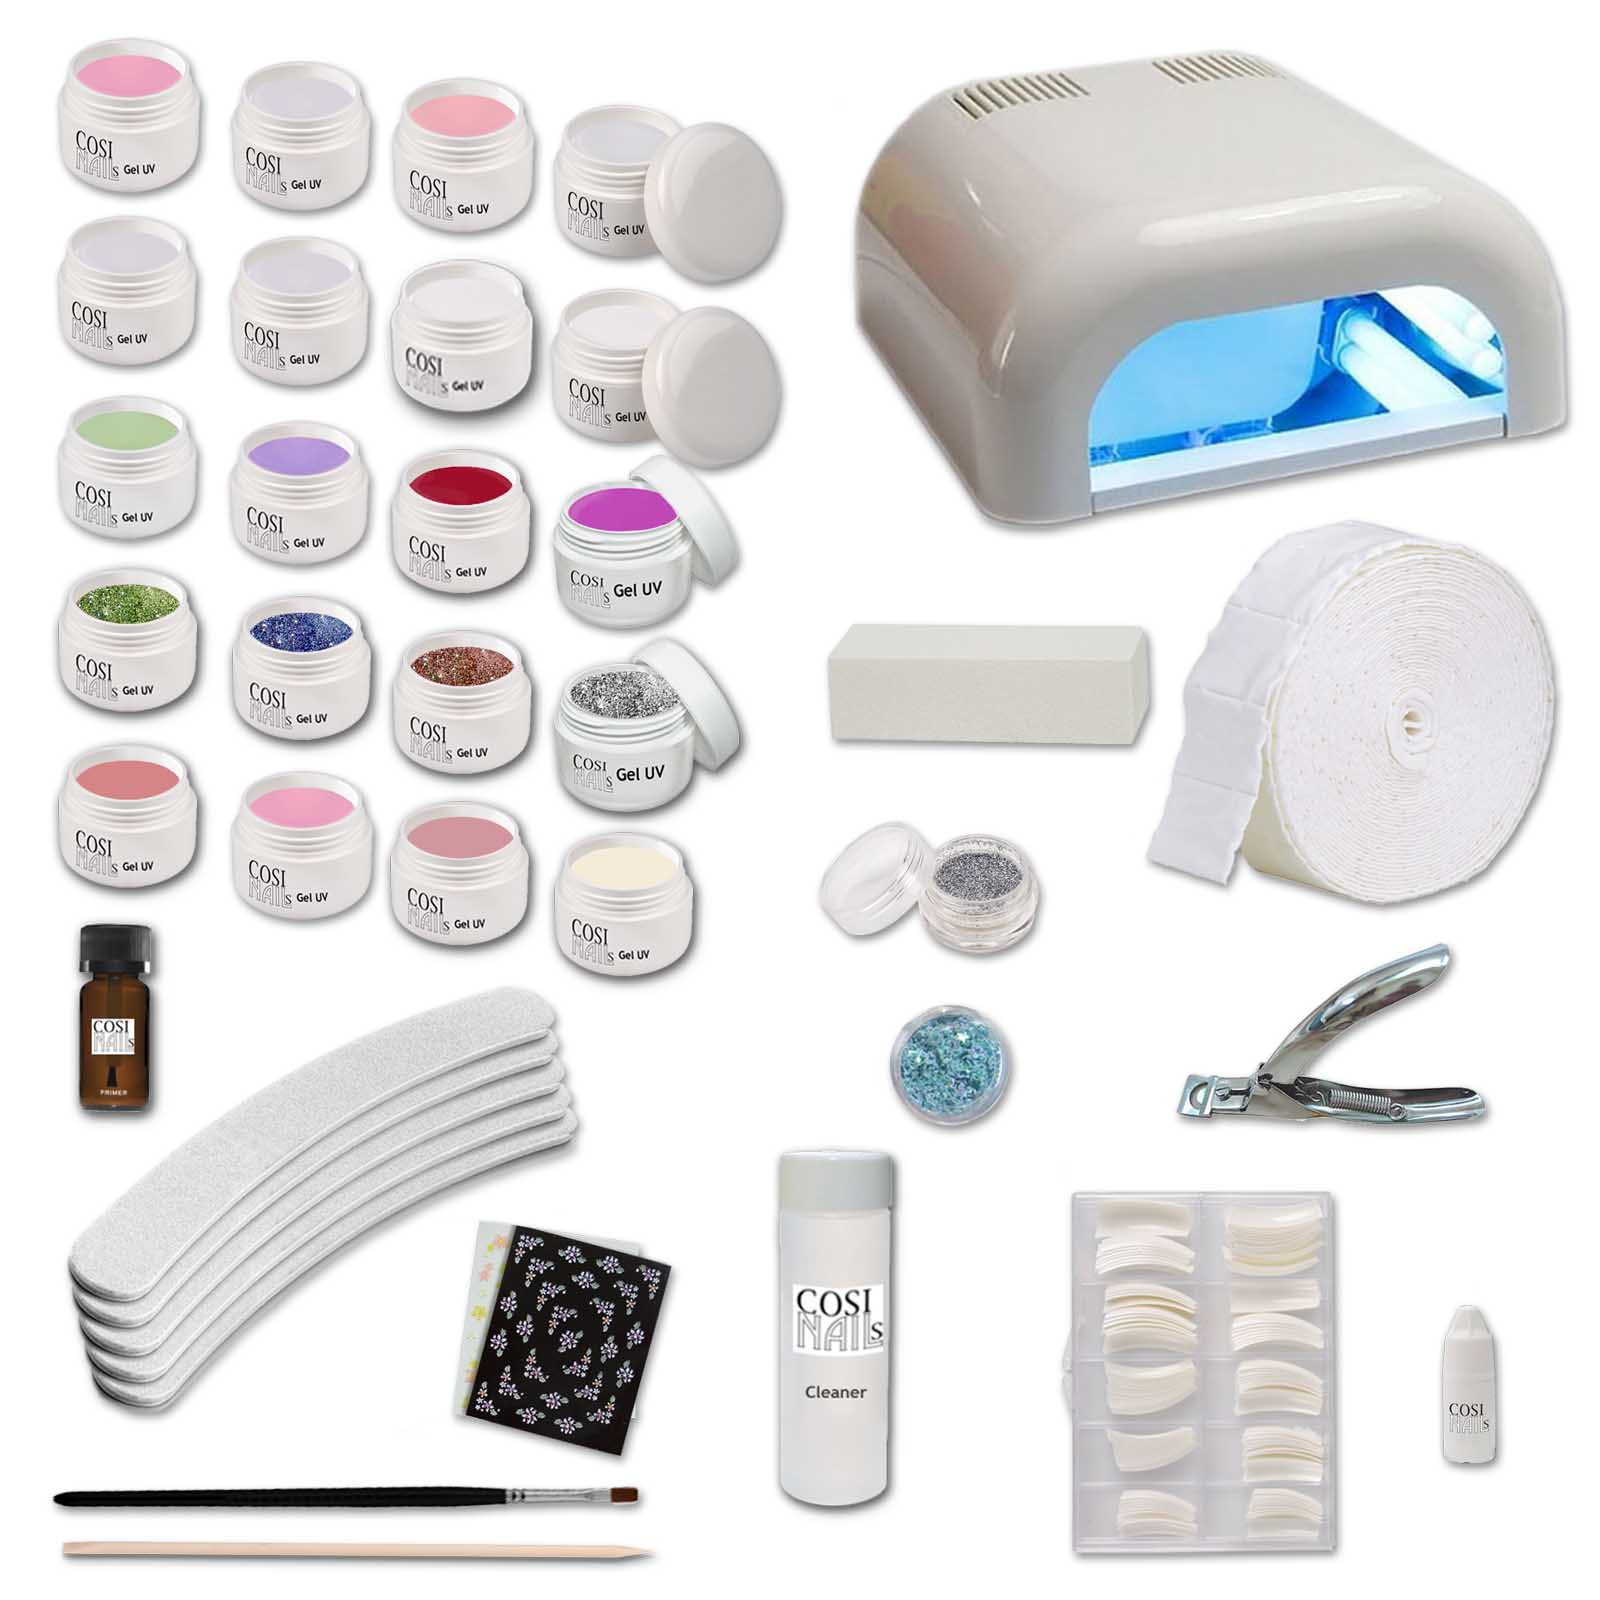 Tavolo professionale per ricostruzione unghie kit xxl con 20 gel uv germania ebay - Tavolo ricostruzione unghie ebay ...